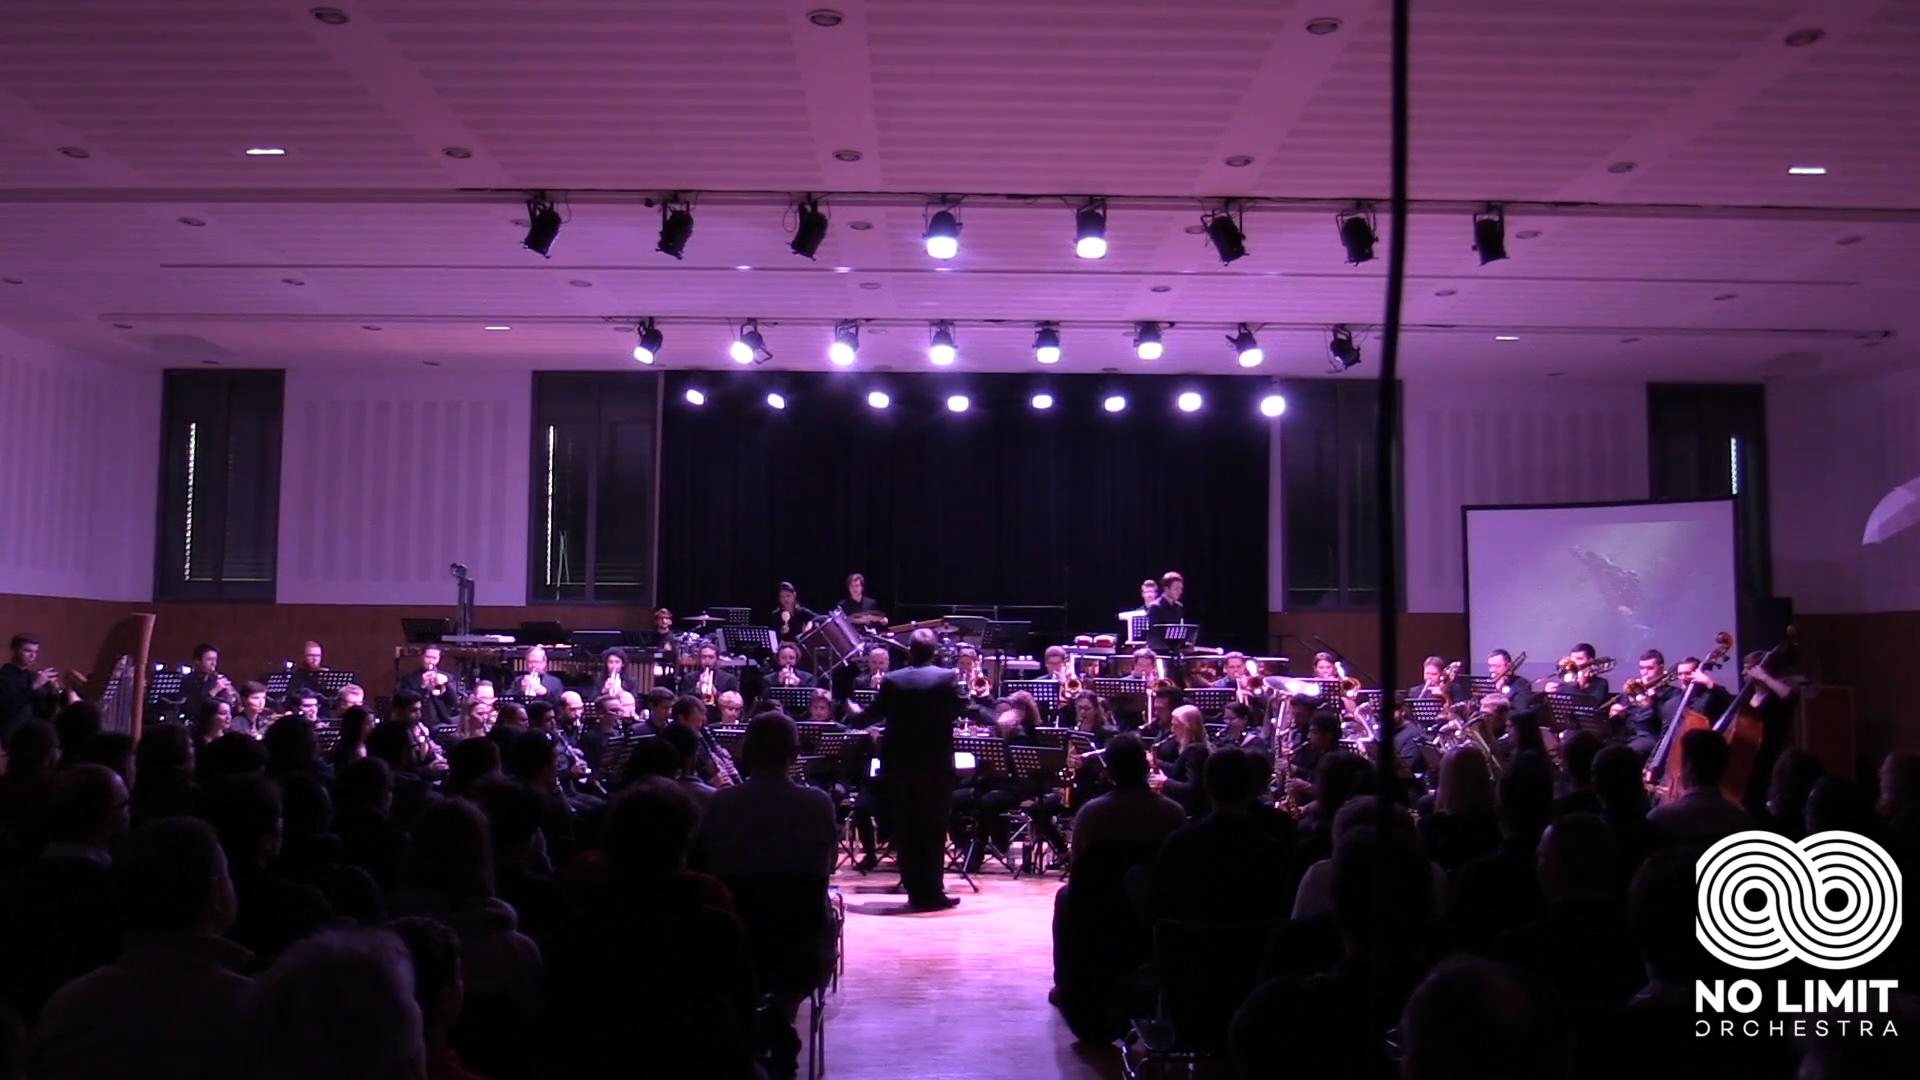 Le No Limit Orchestra, quand un orchestre interprète des musiques de jeux vidéo